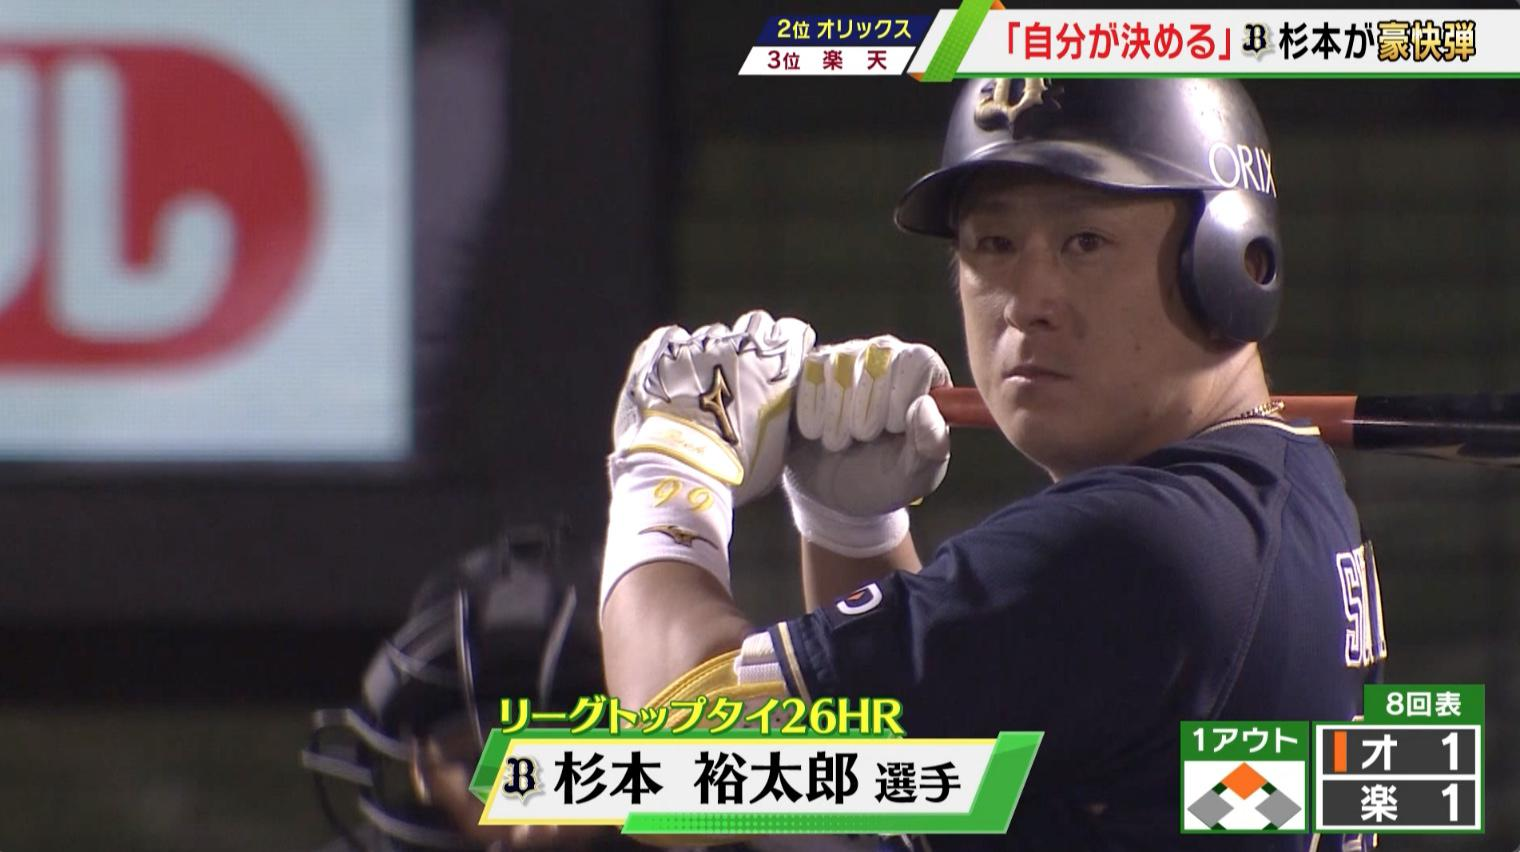 【オリックス】4番・杉本裕太郎「自分が決めてやる」豪快27号2ラン